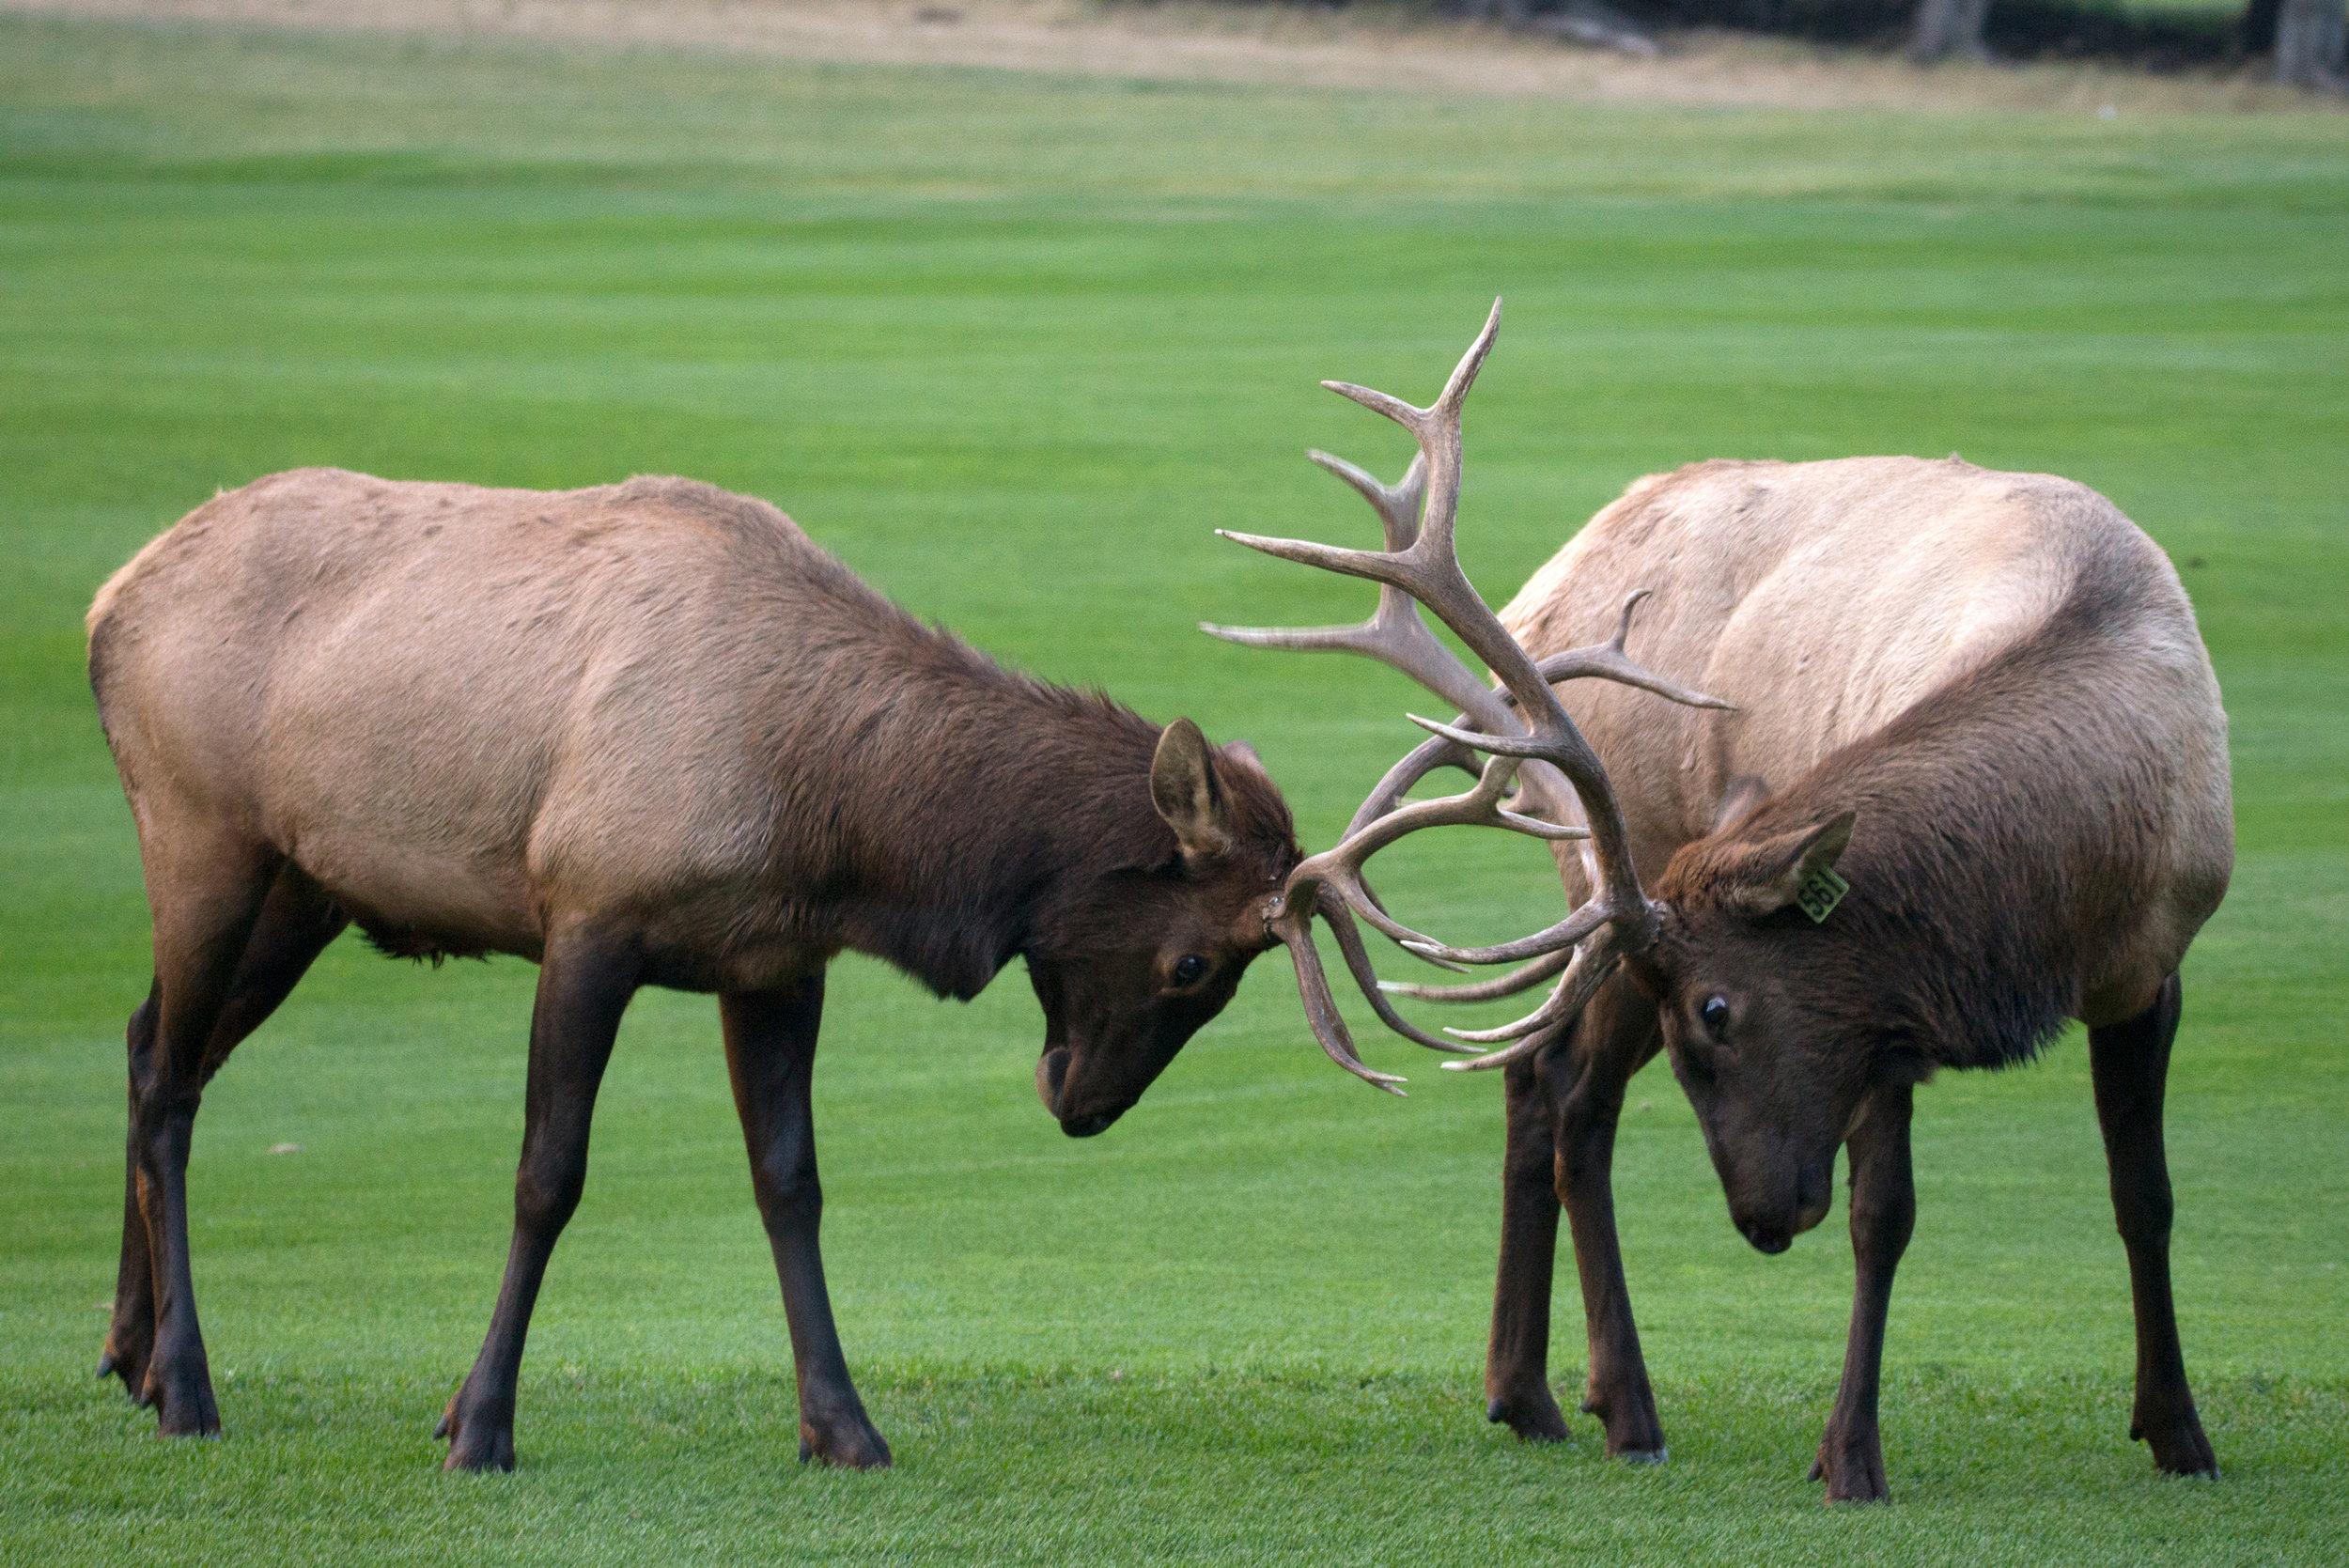 20170917_Banff_Springs_Dinner_Golf_Elk_141_s.jpg